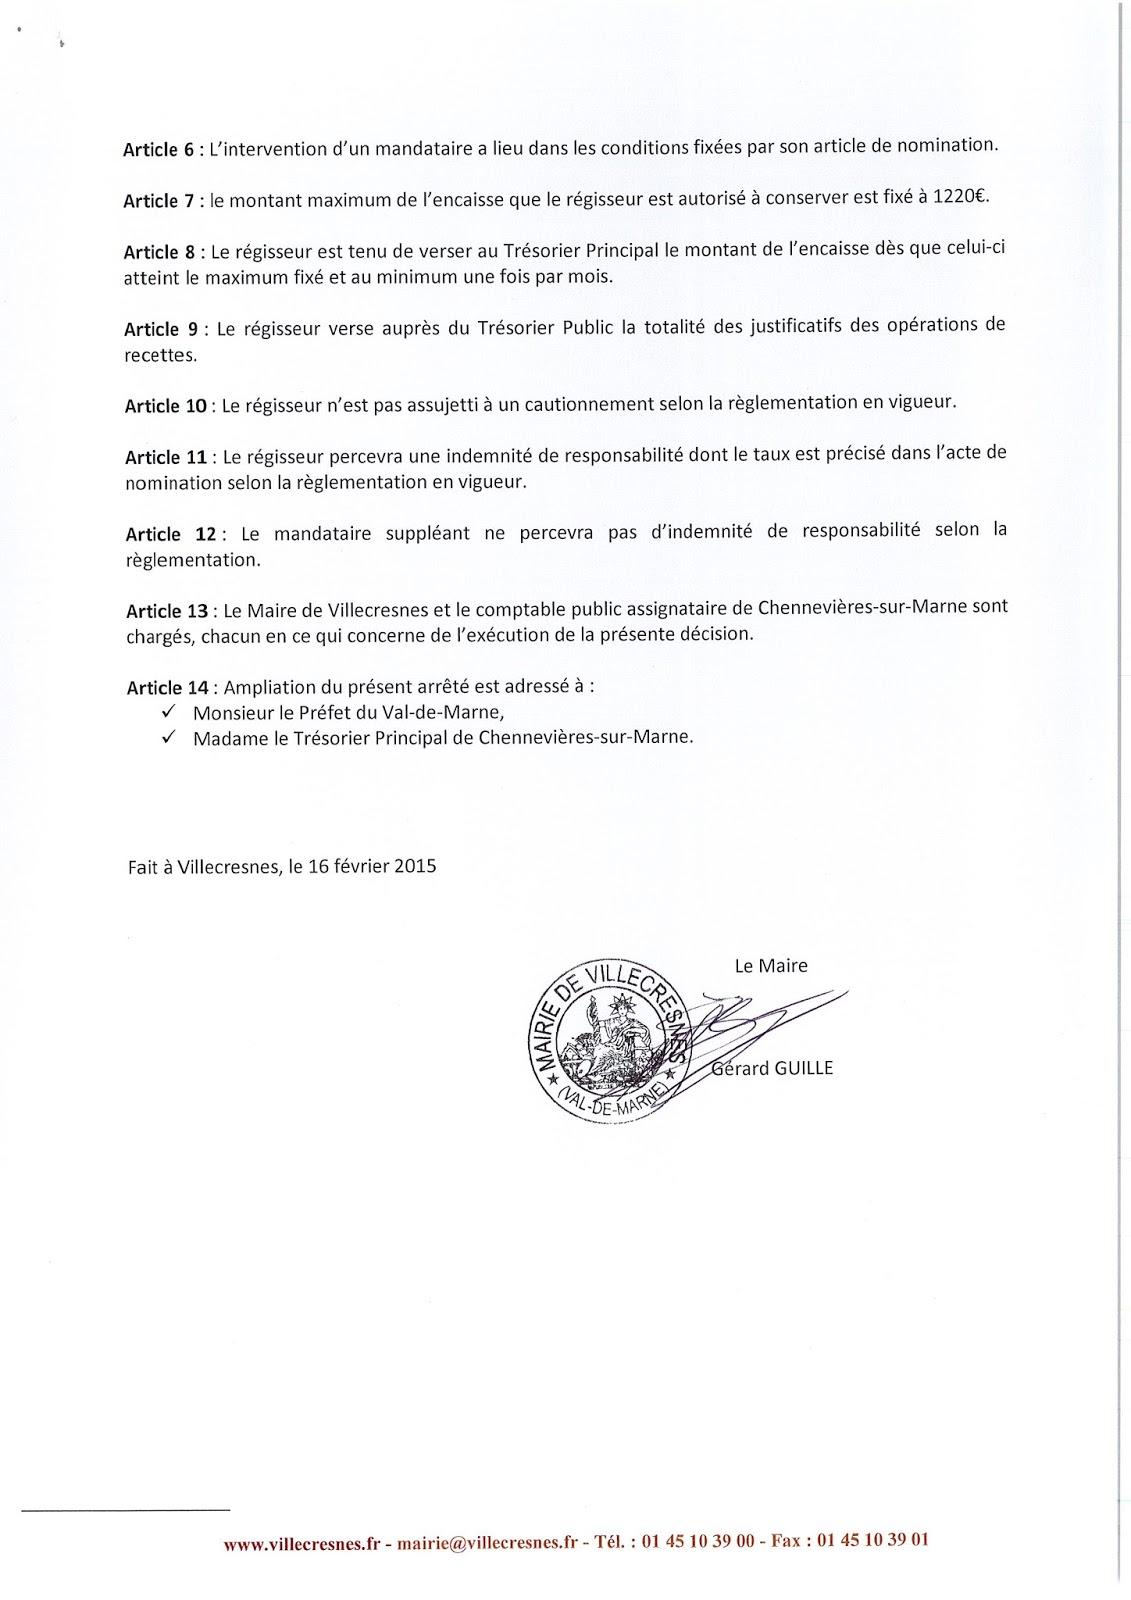 2015-009 Modification de l'acte constitutif de régie de recettes - cimetière communal